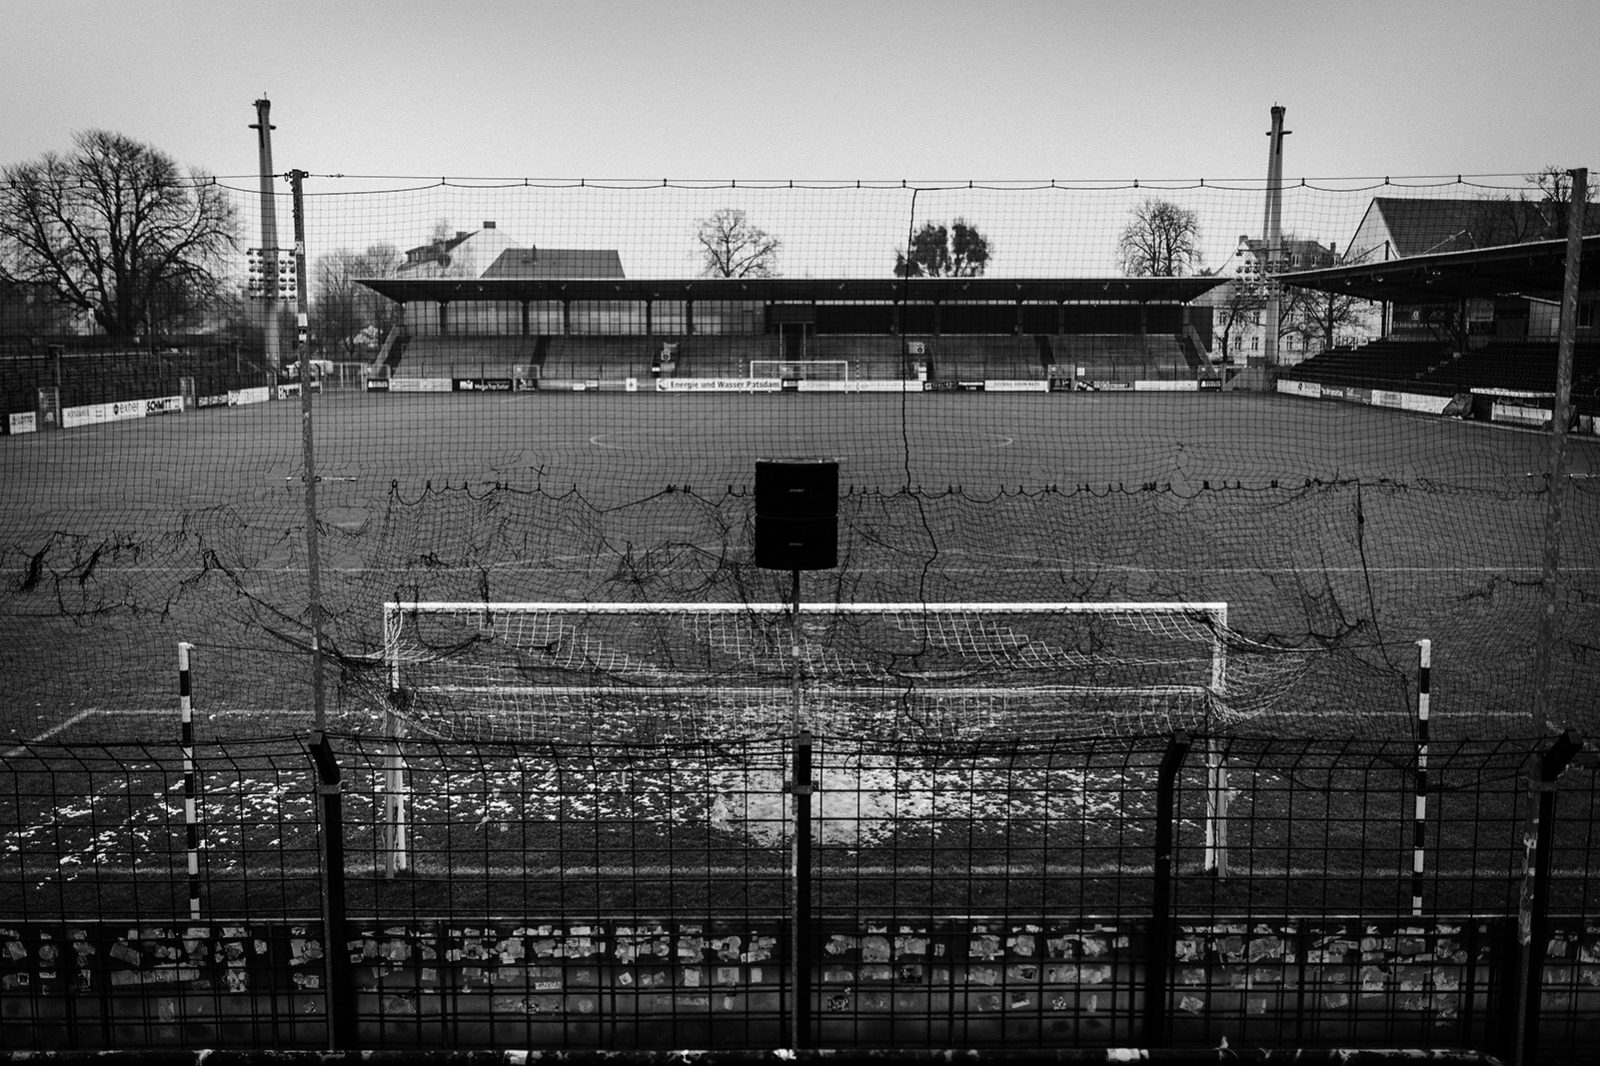 Karl-Liebknecht-Stadion Netze